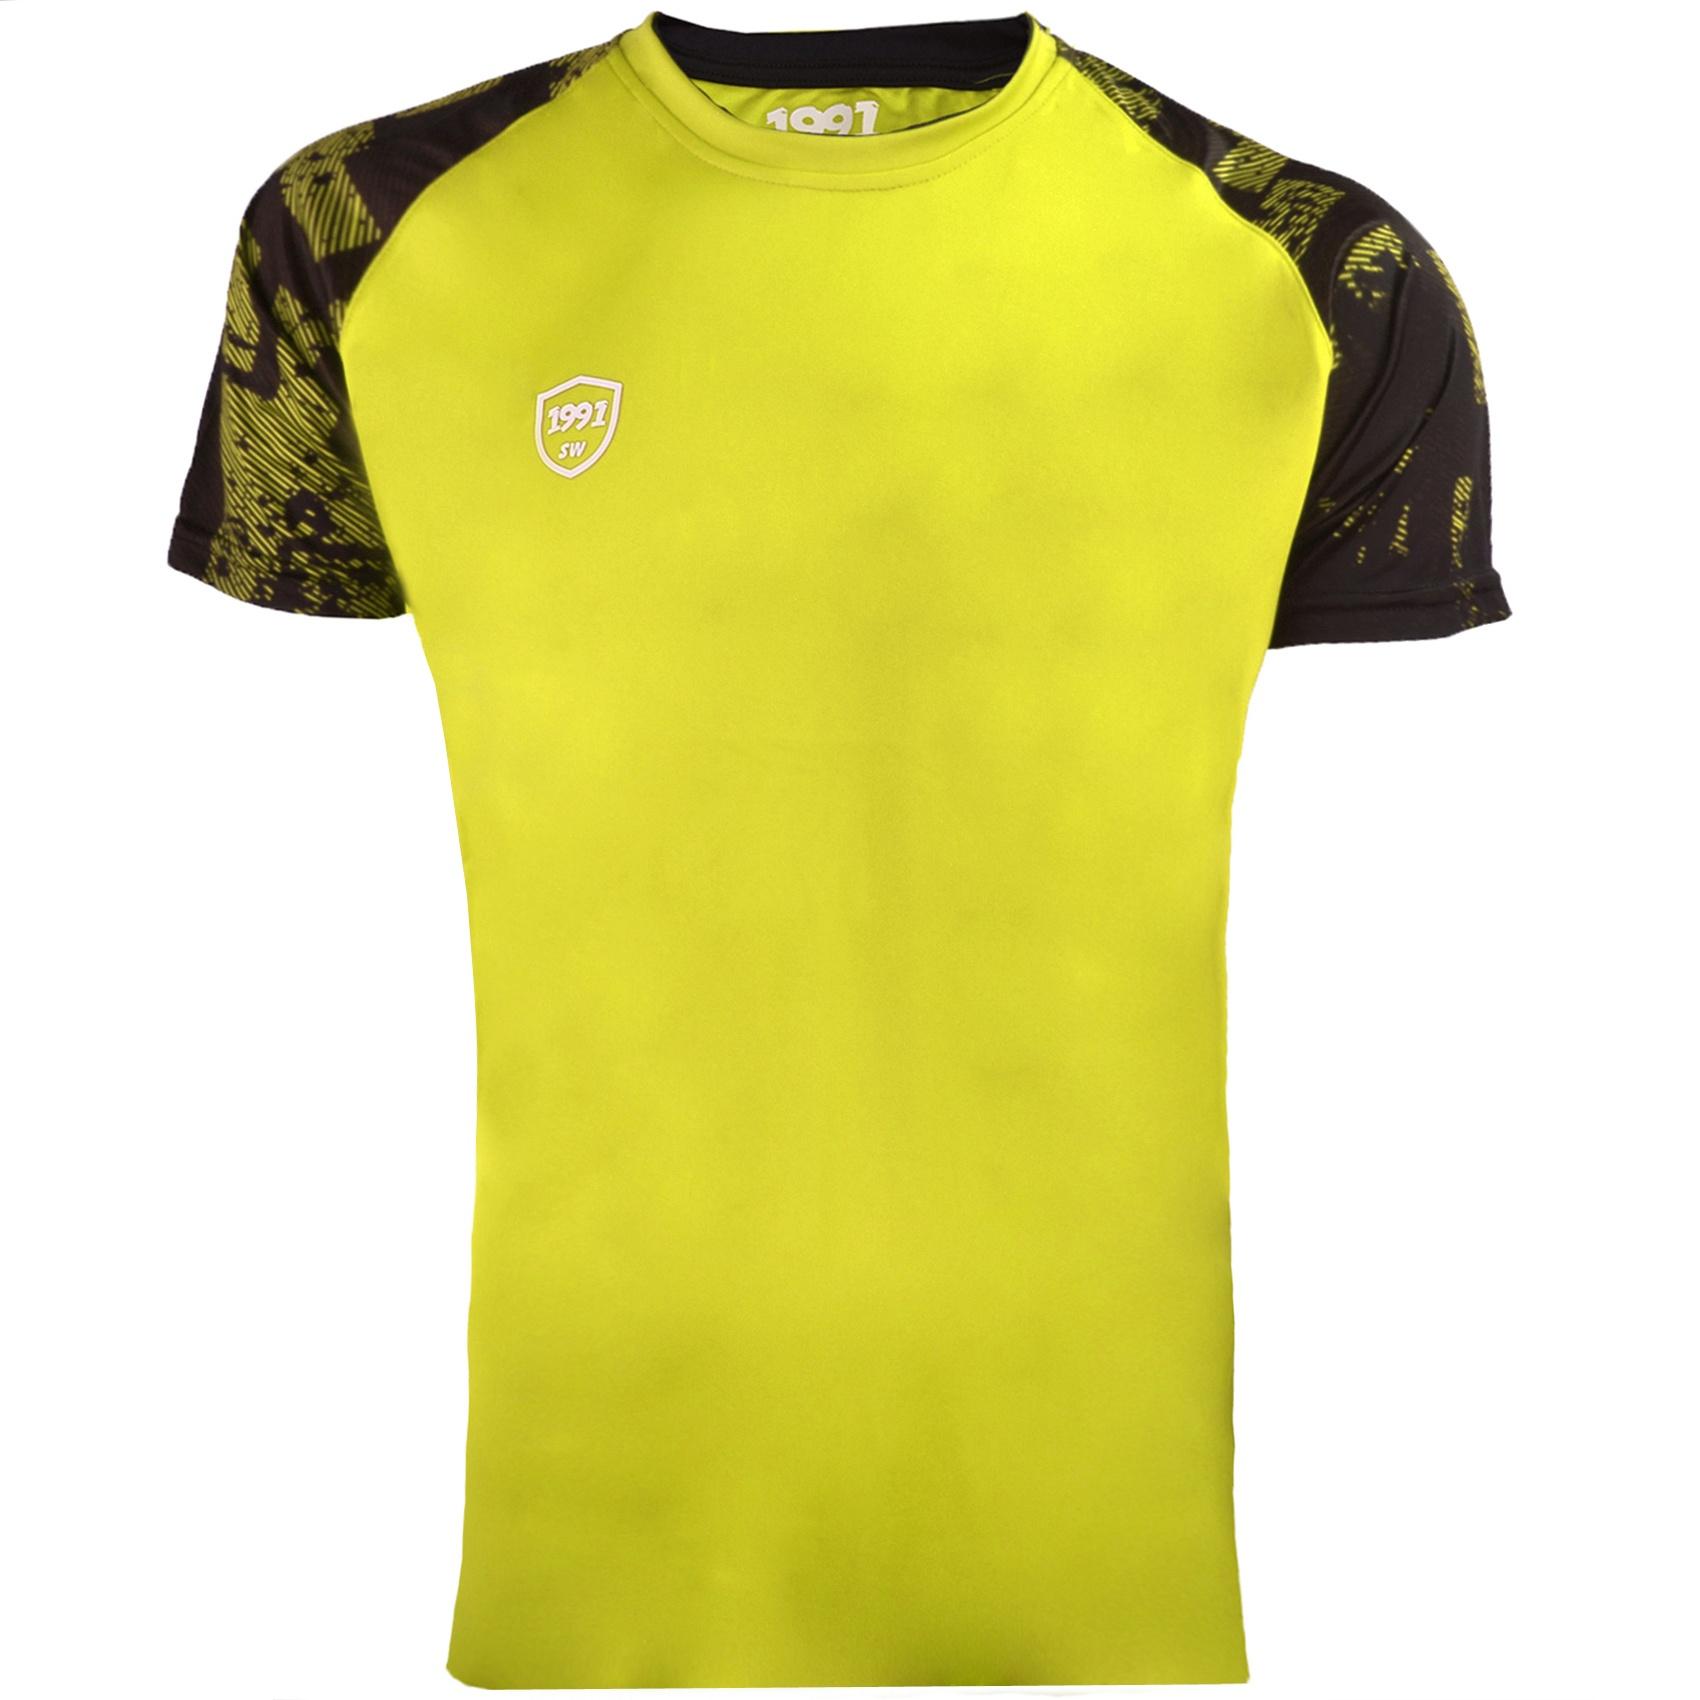 تی شرت ورزشی مردانه 1991 اس دبلیو مدل TS1931 YB